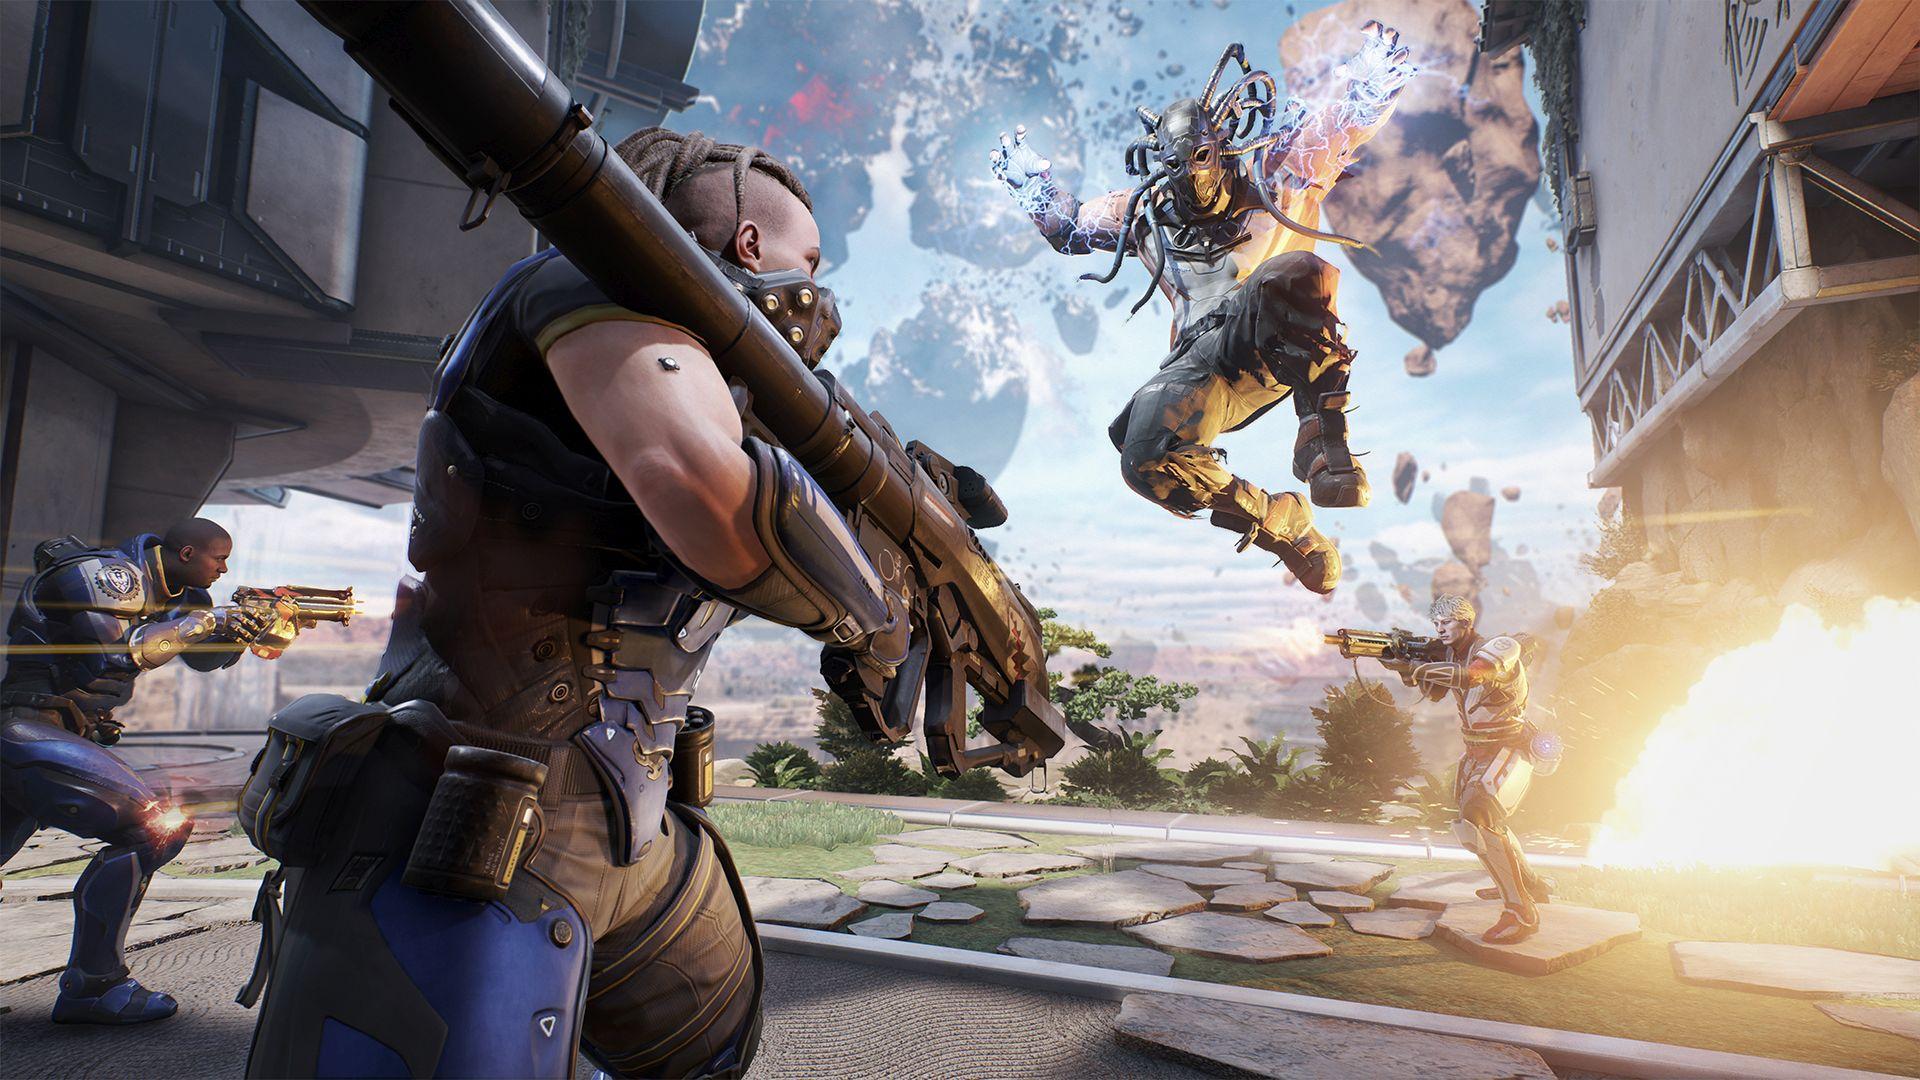 Heute startet der neue Shooter Lawbreakers auf PC & PS4